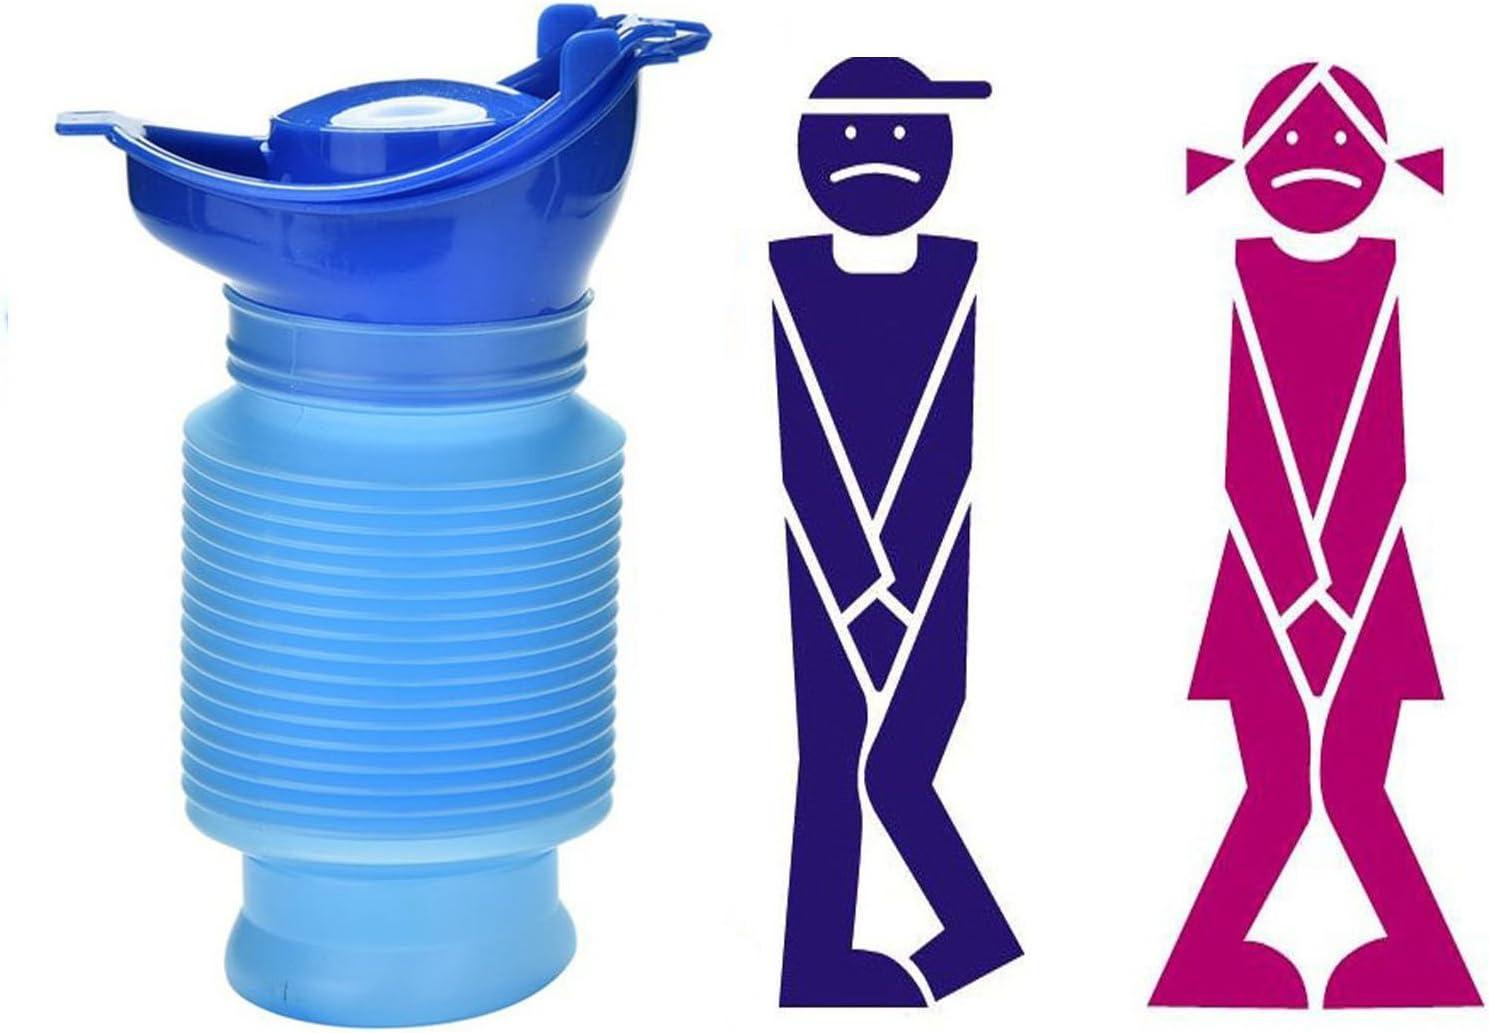 Camping Tragbare Toilette Urin Flaschentasche Reise T/öpfchen Urin Trichter Geeignet f/ür M/änner Frauen Kinder 3 STK Urinal f/ür Damen